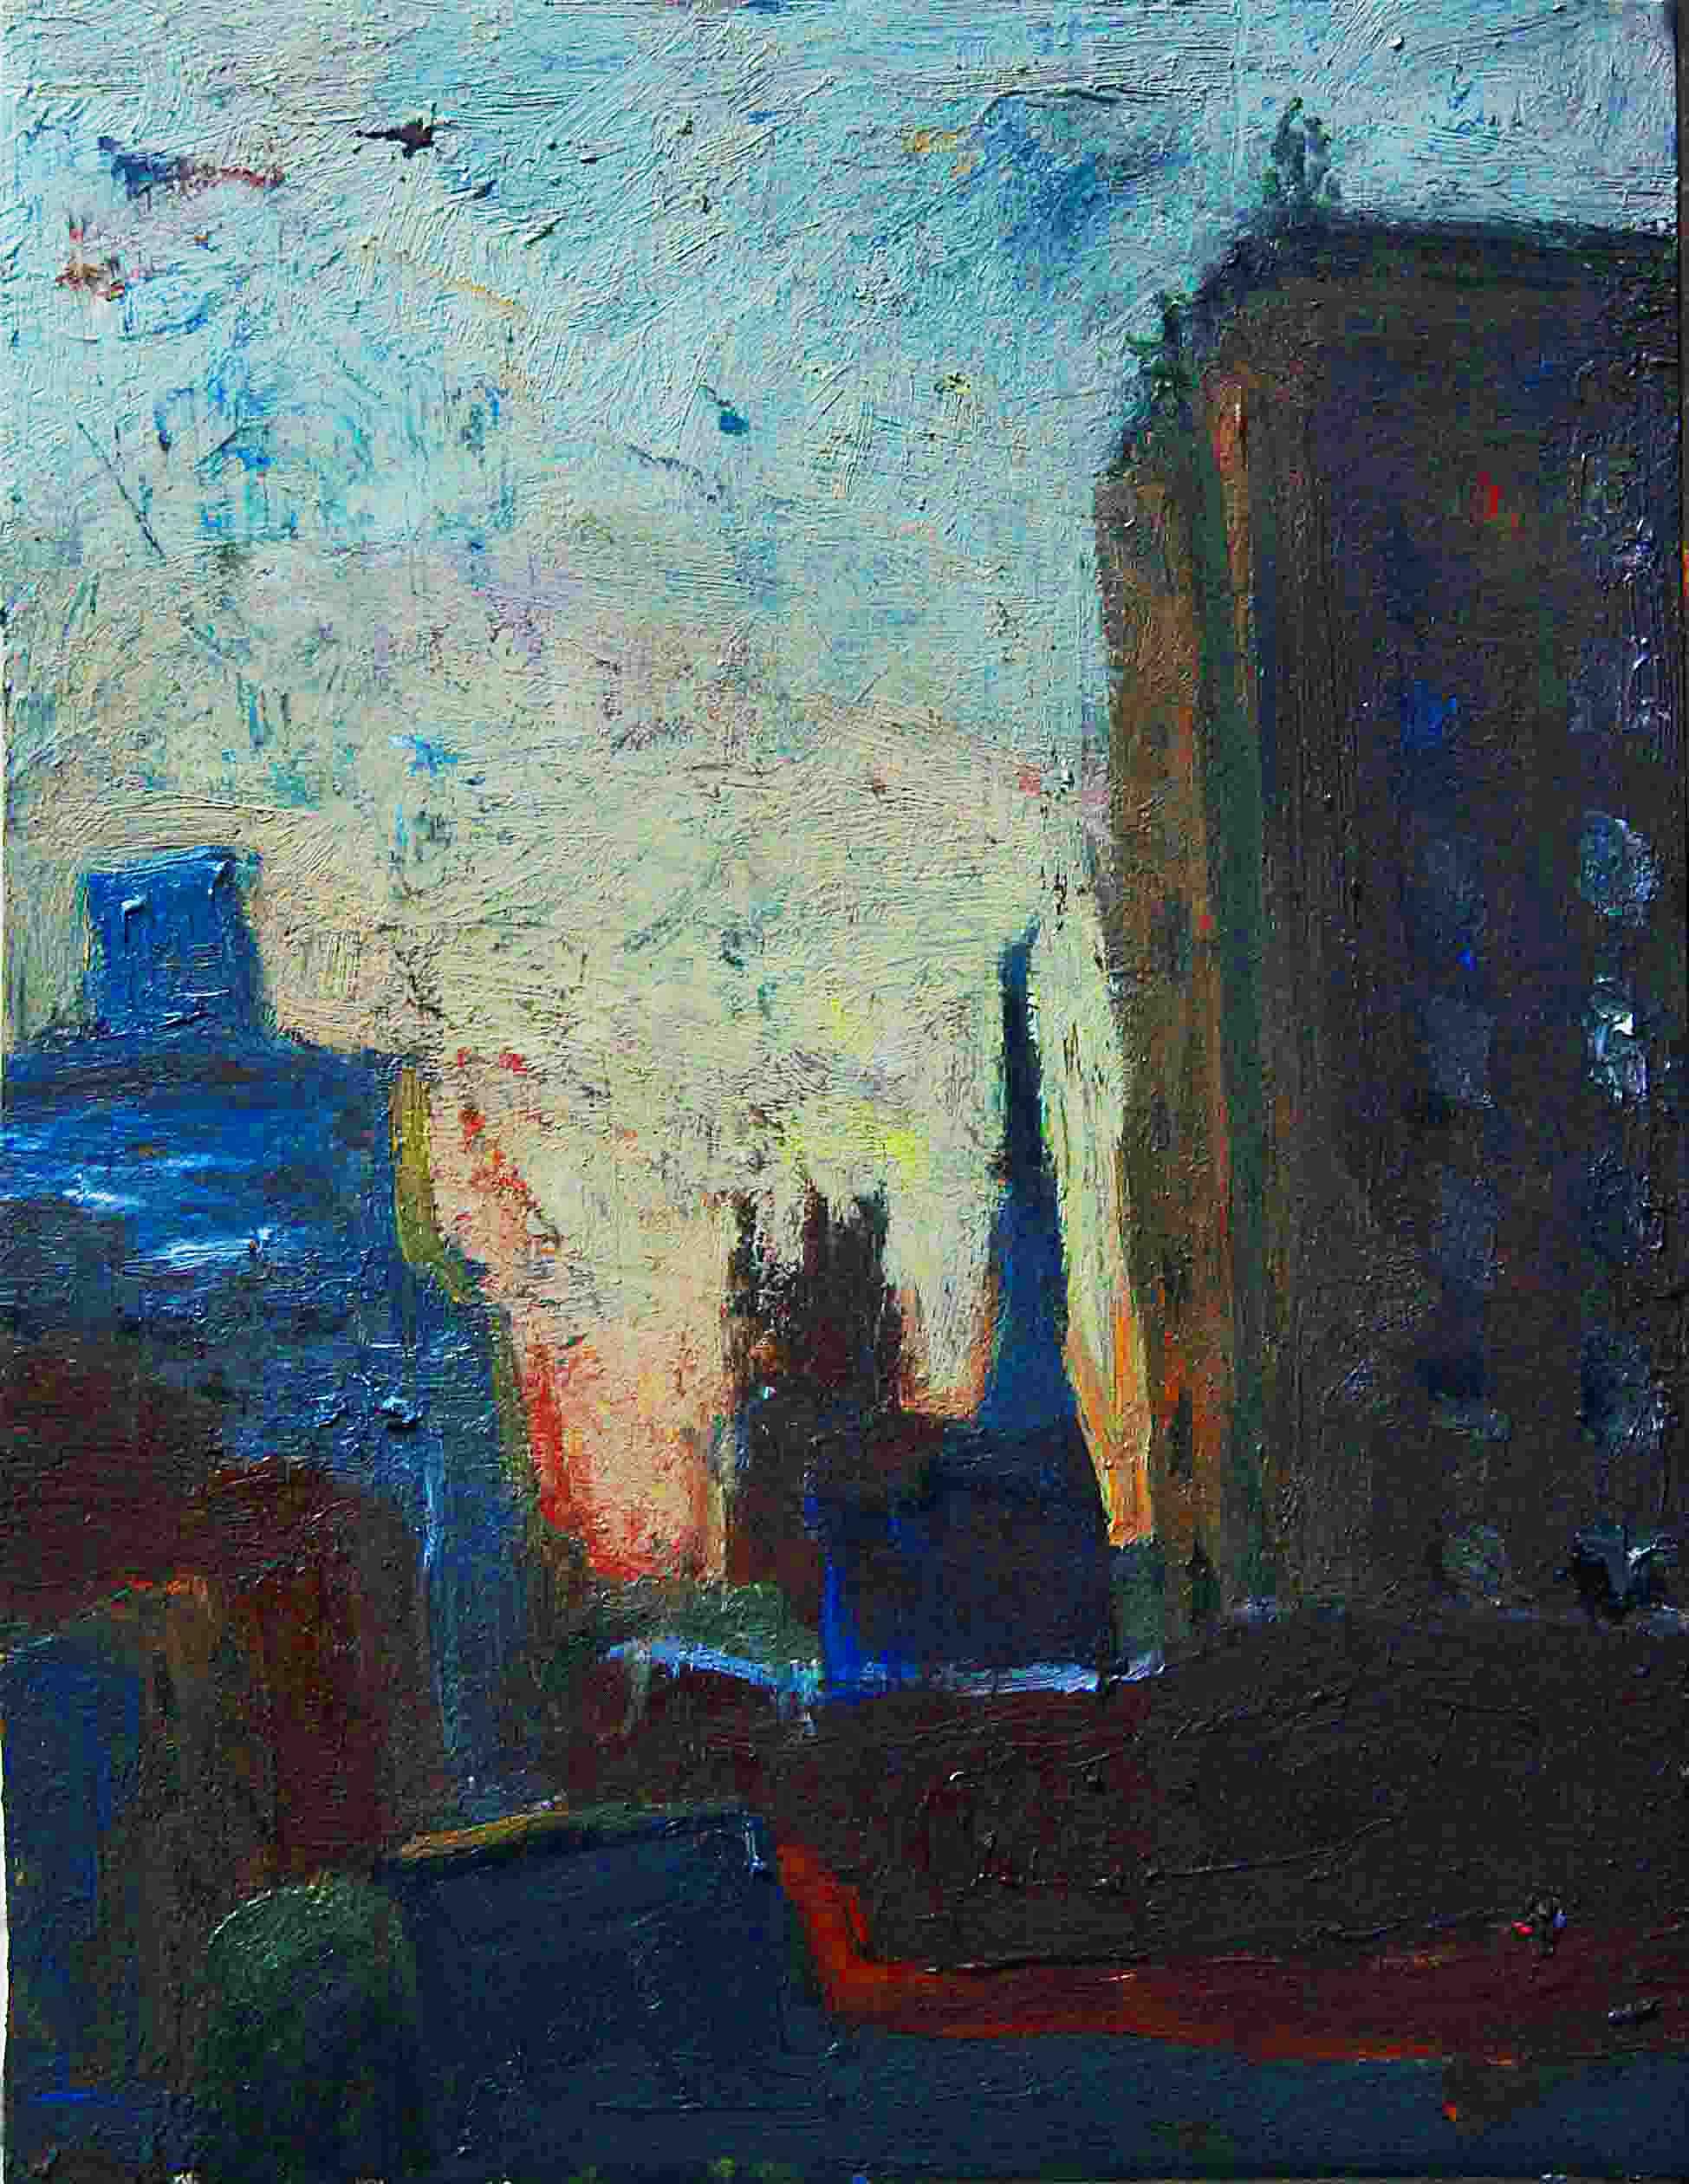 ny-painting-30x23cm_14879045440_o